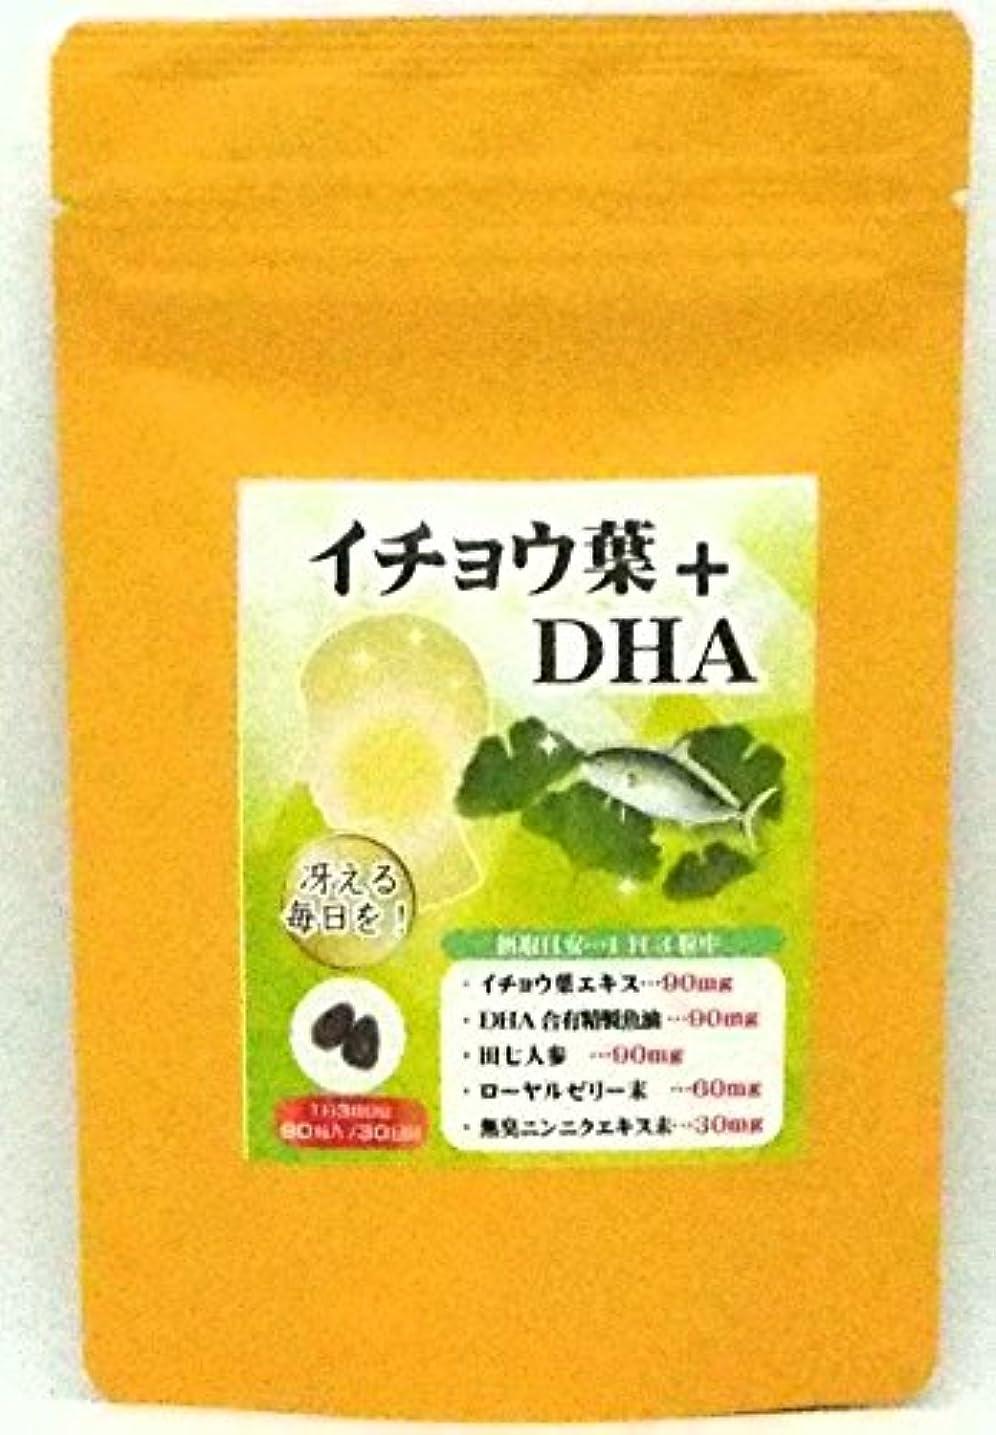 コードレス殉教者ダイヤルイチョウ葉+DHA サプリメント 90粒入 3粒にイチョウ葉エキス90mg、DHA合有精製魚油90mg、田七人参90mg、ローヤルゼリー末60mg配合